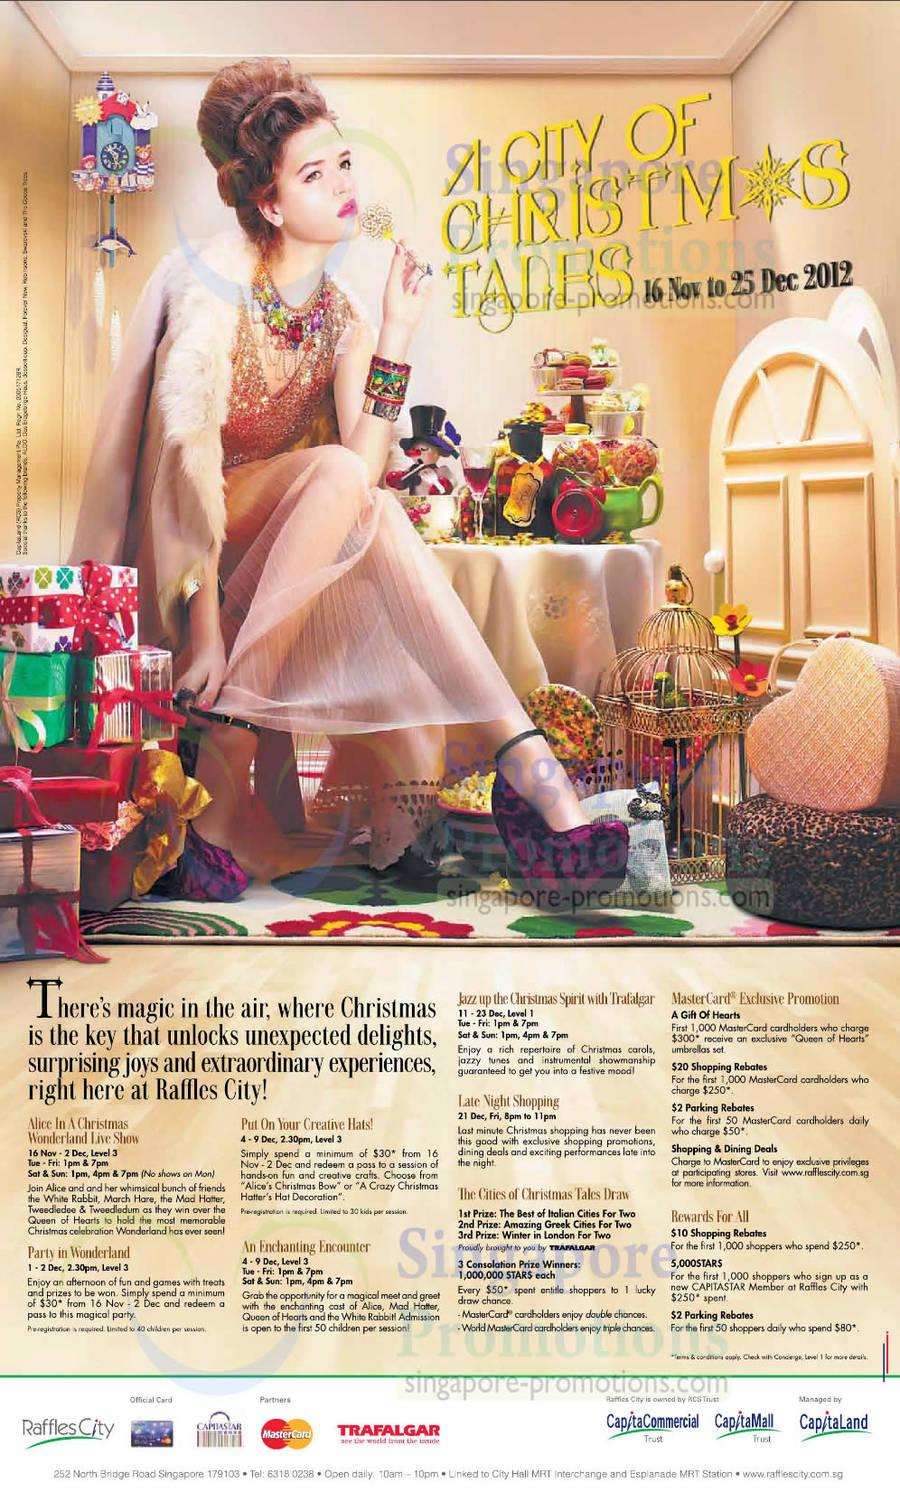 Christmas Treats Till 25 Dec 2012